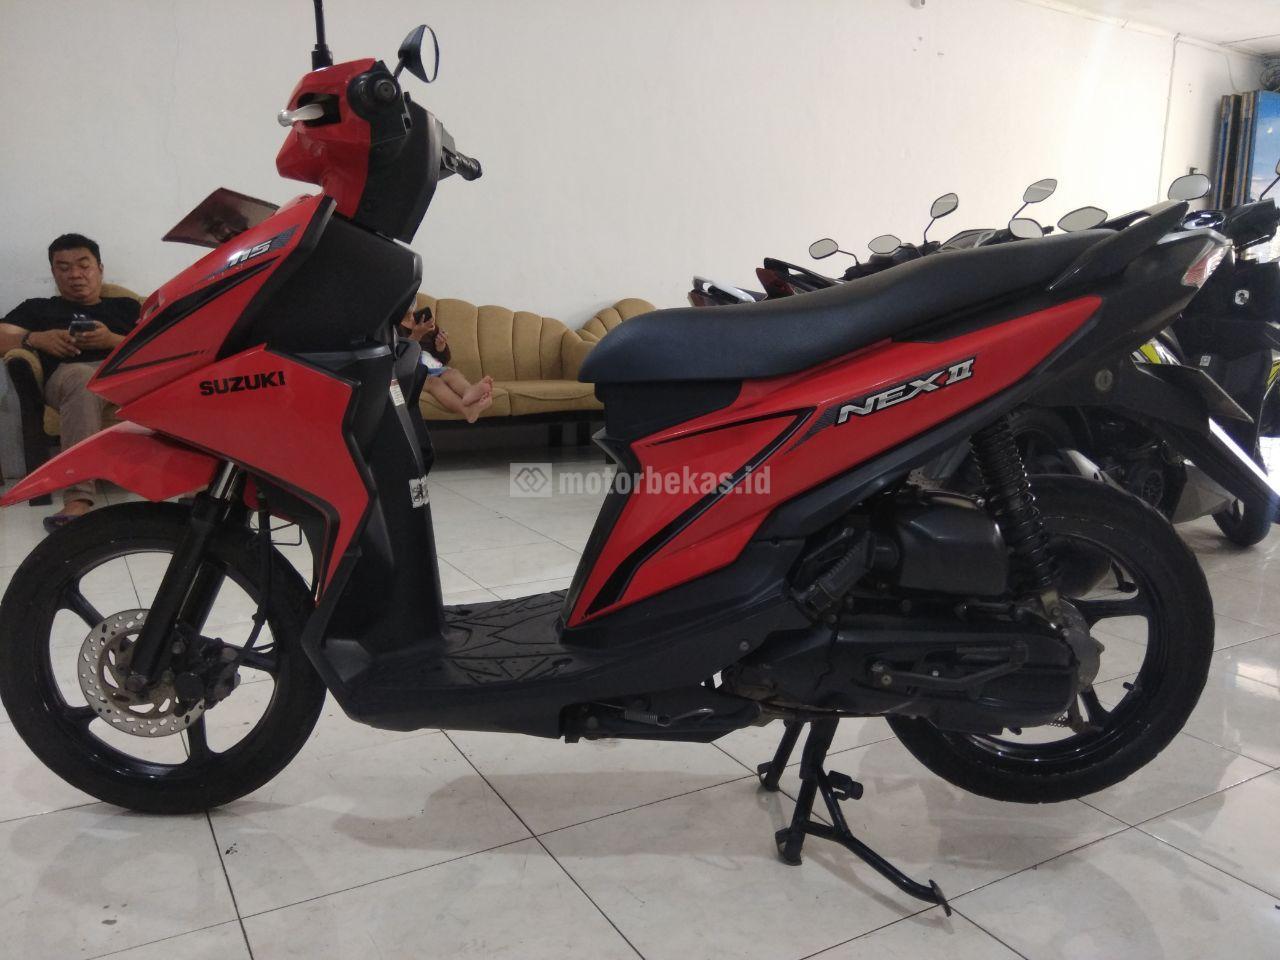 SUZUKI NEX  2142 motorbekas.id